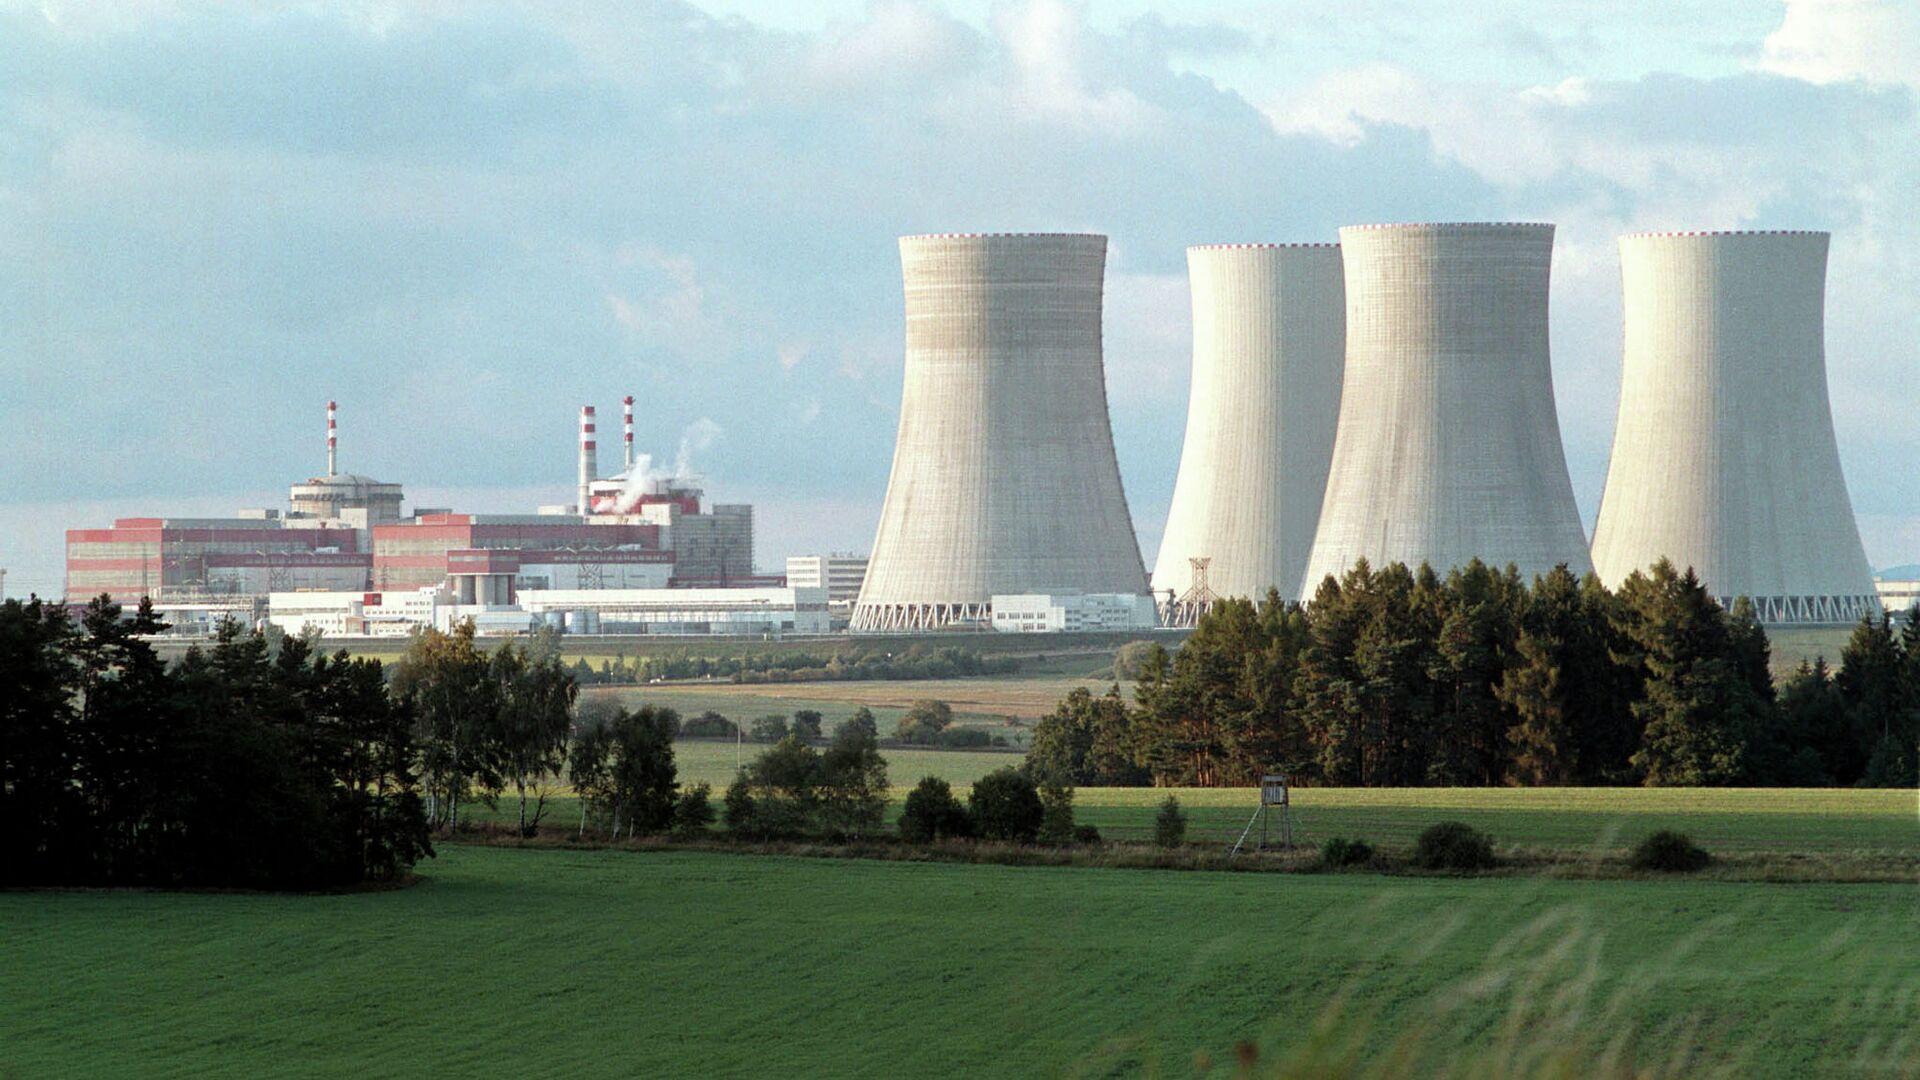 АЭС Темелин в Чехии - РИА Новости, 1920, 11.05.2021